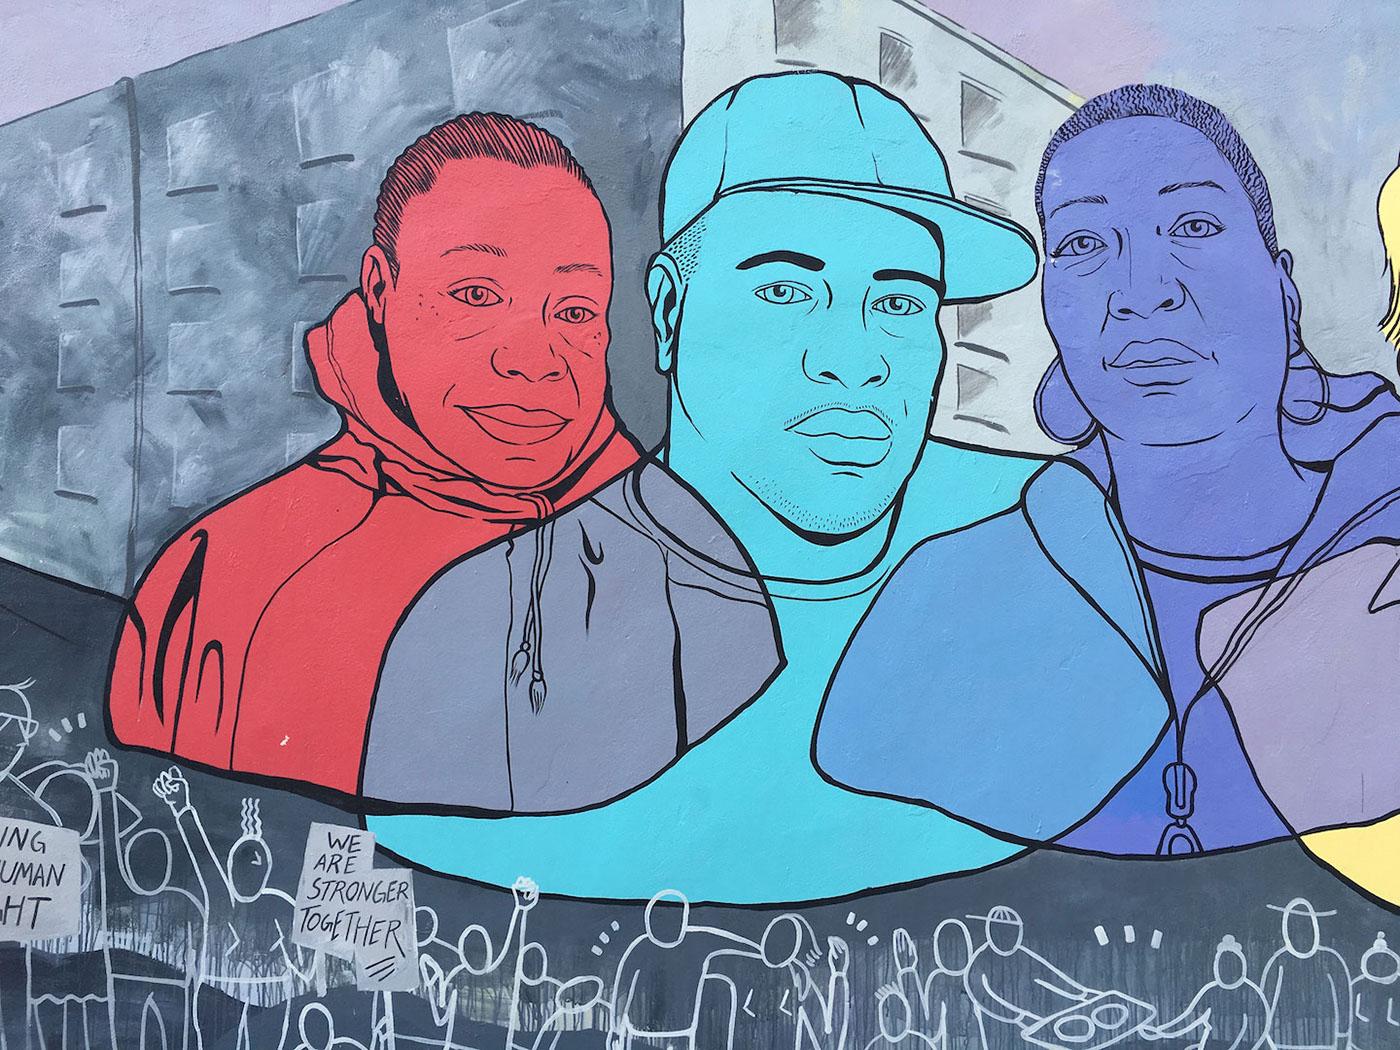 Center for Creative Nonviolence Homeless Shelter